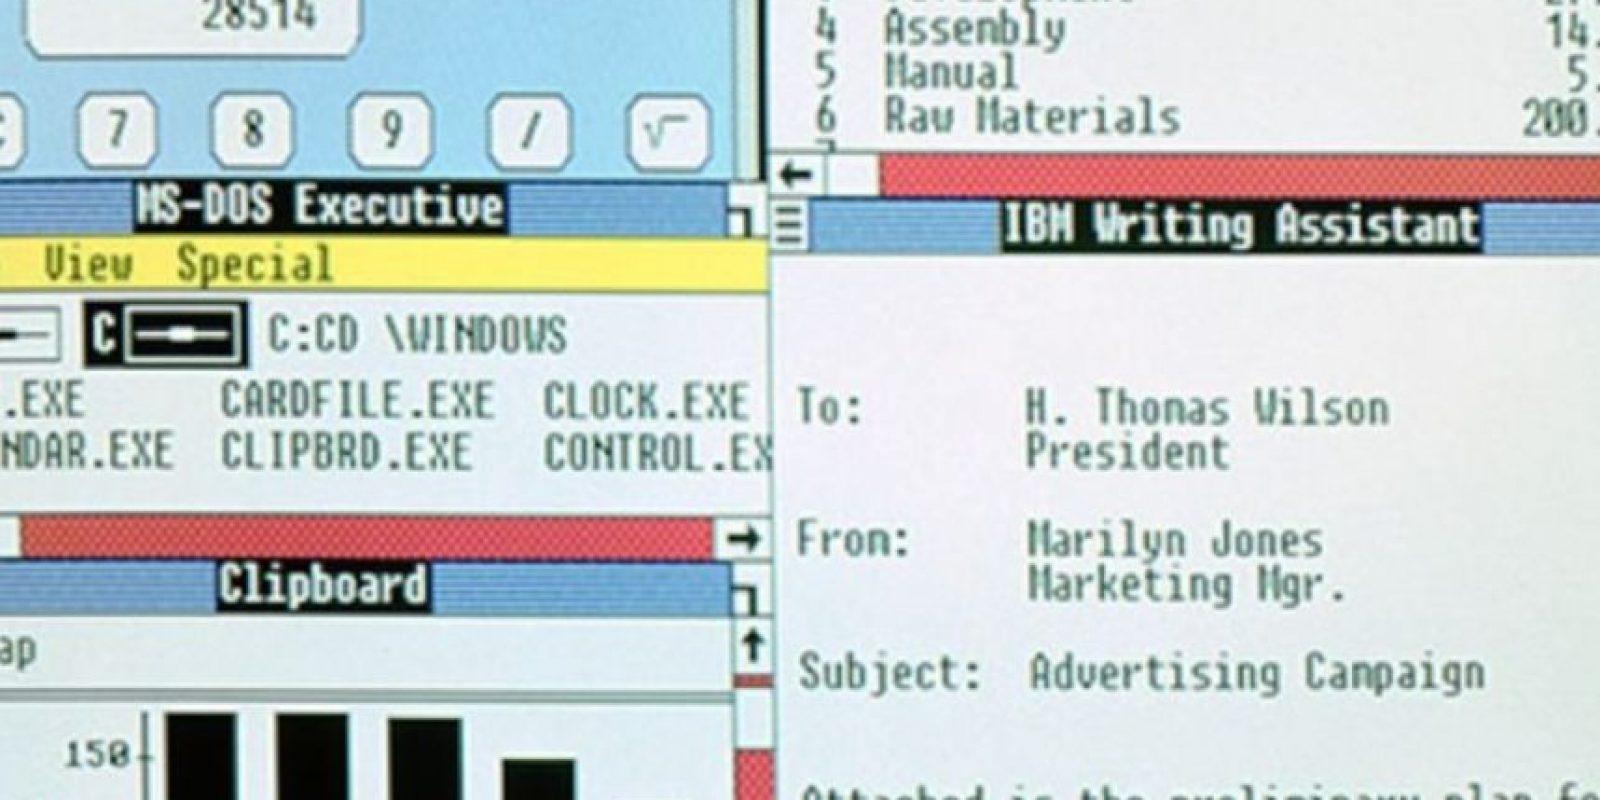 En 1987, Windows anunciaba sus nuevas actualizaciones. Windows 2.0 al 2.11 se lanzarán desde esa fecha hasta el año 1990. Foto:Vía windows.microsoft.com